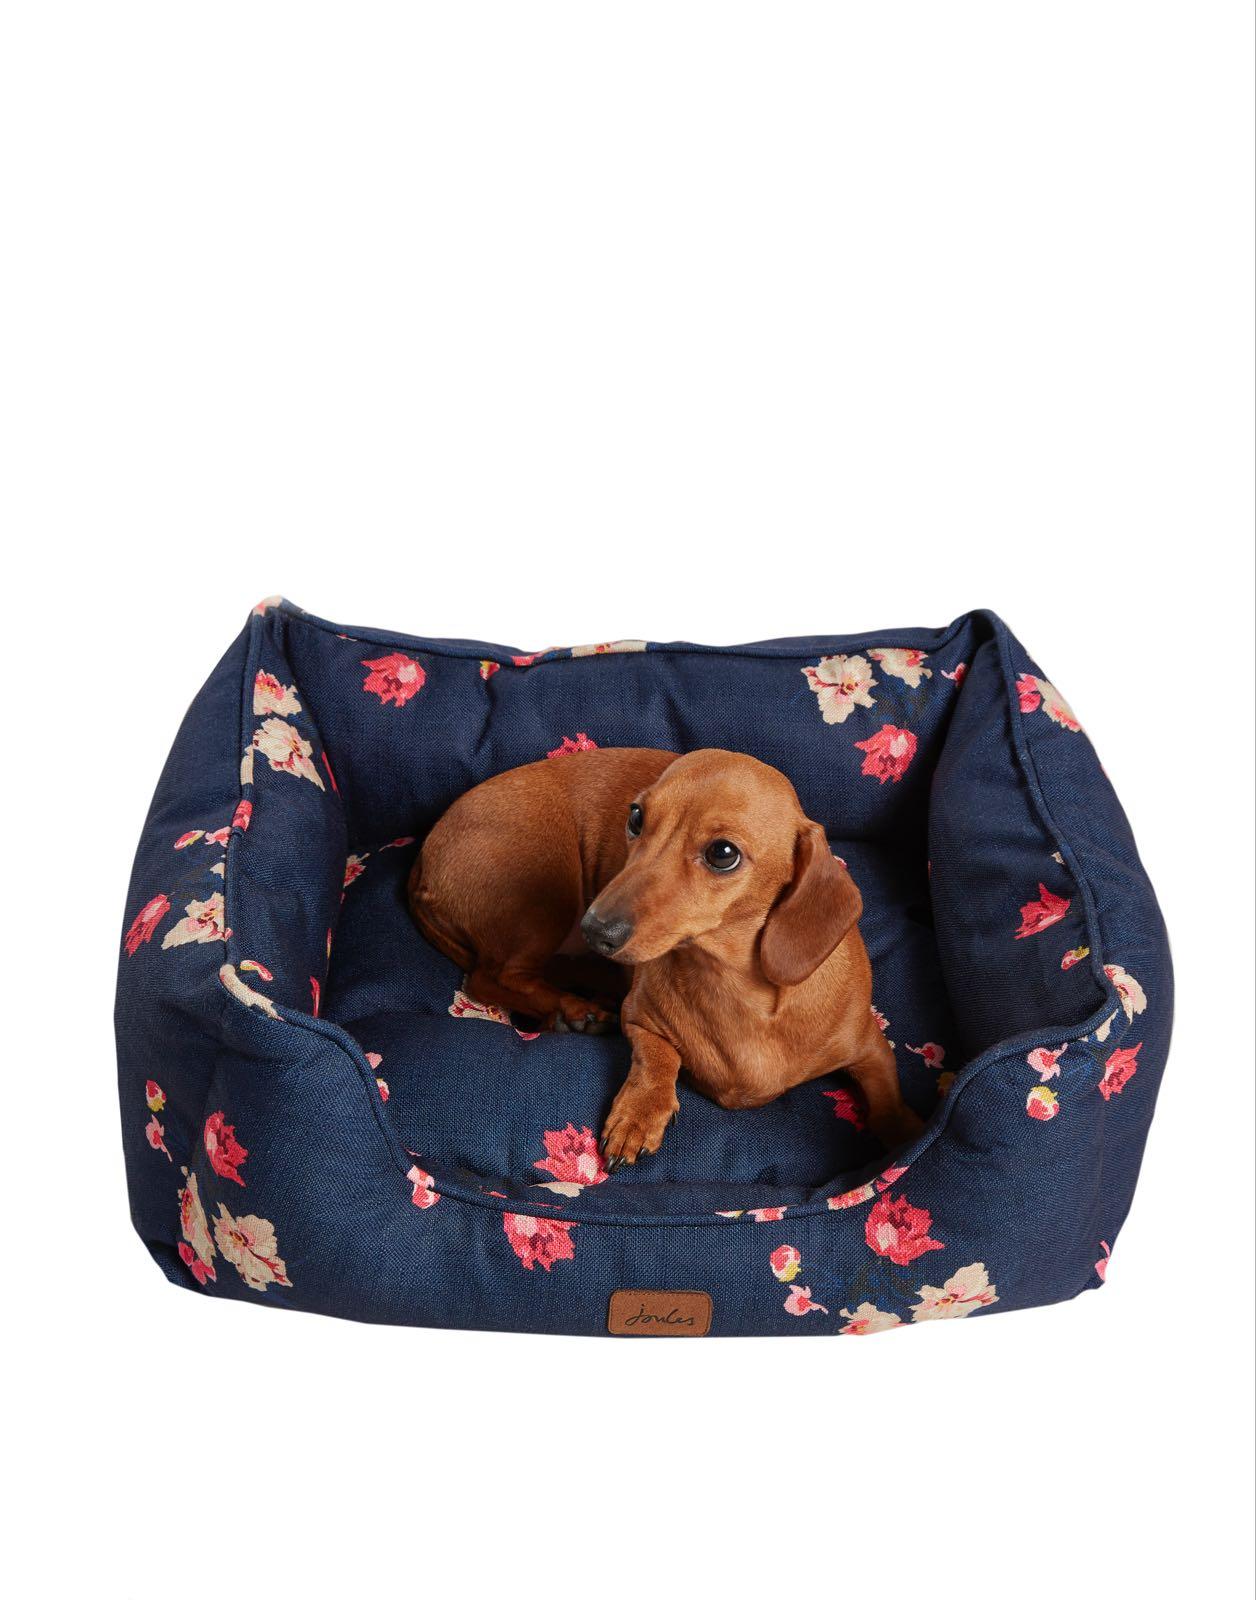 Joules Floral Percher Pet Bed Small 55cm x 42cm x 20cm